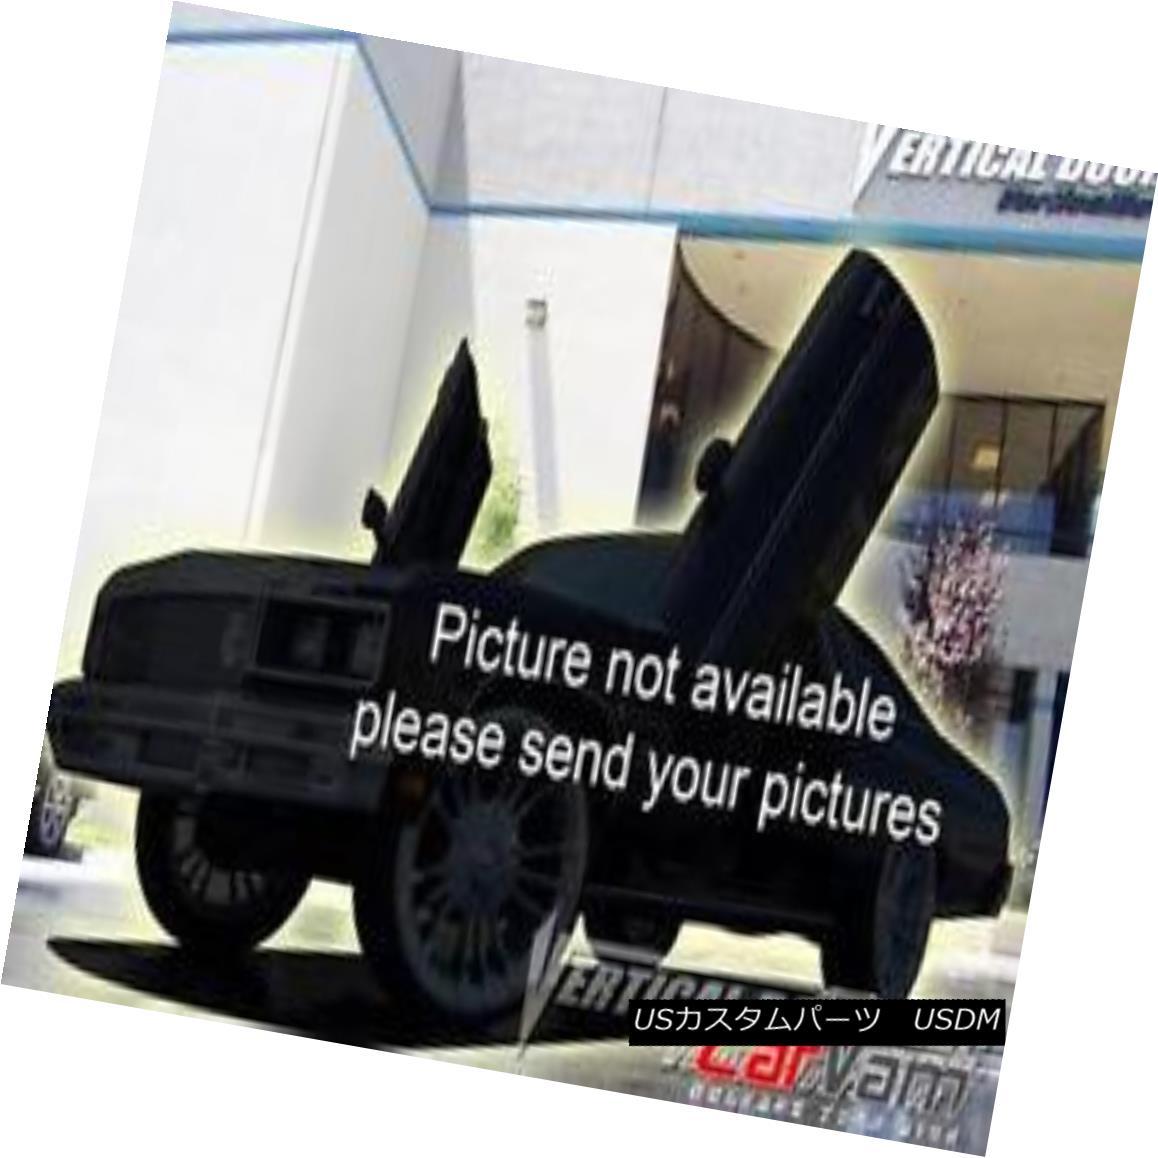 ガルウィングキット Vertical Doors - Vertical Lambo Door Kit For Oldsmobile Alero 1999-04 垂直ドア - Oldsmobile Alero用の垂直Lamboドアキット1999-04